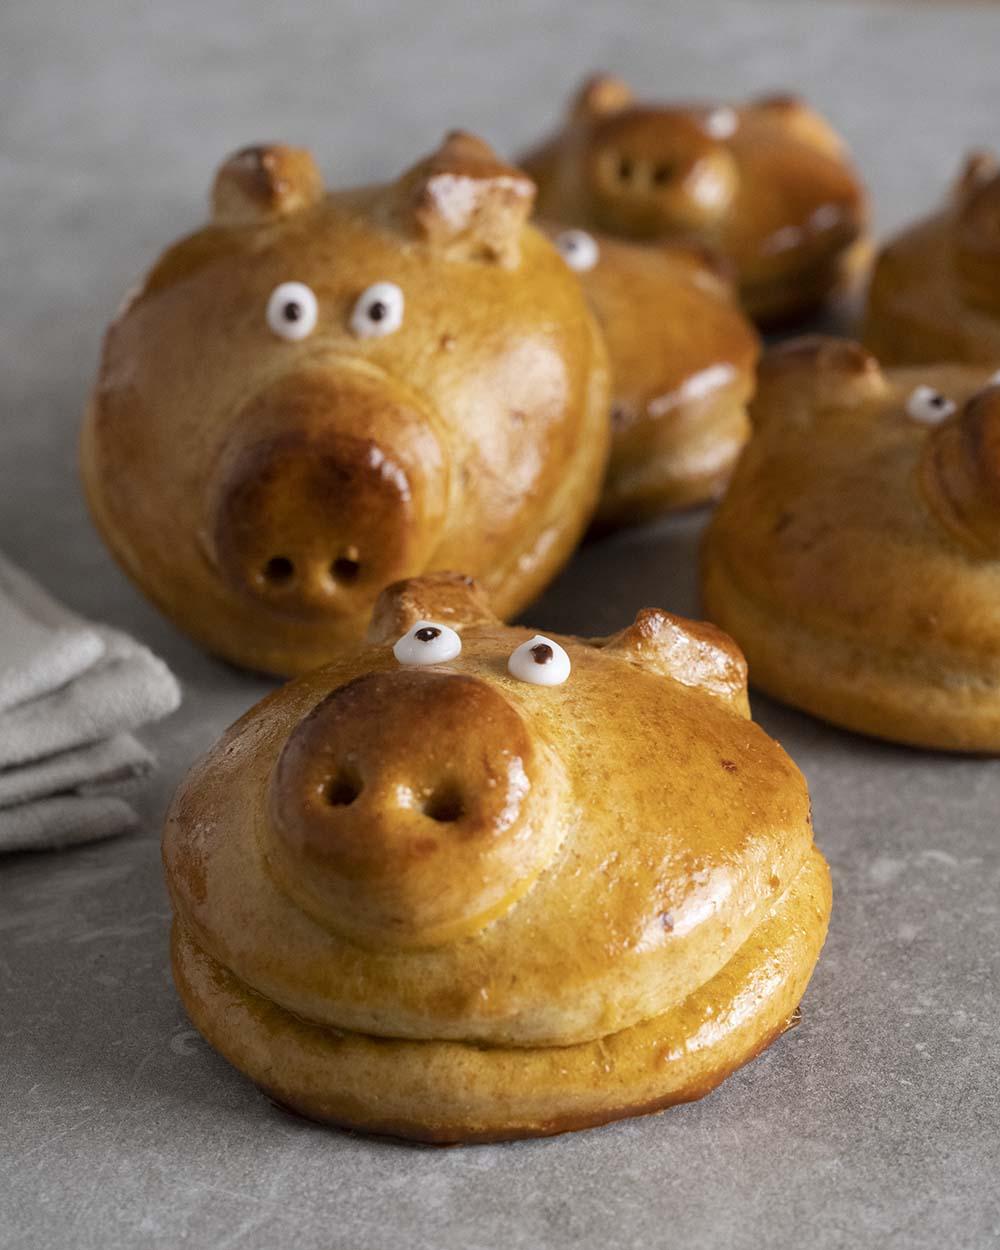 Auf dem Bild sind mehrere Schweinchen zu sehen. Wir haben auf die Nasenlächer des voeren Schweinchens fokussiert.